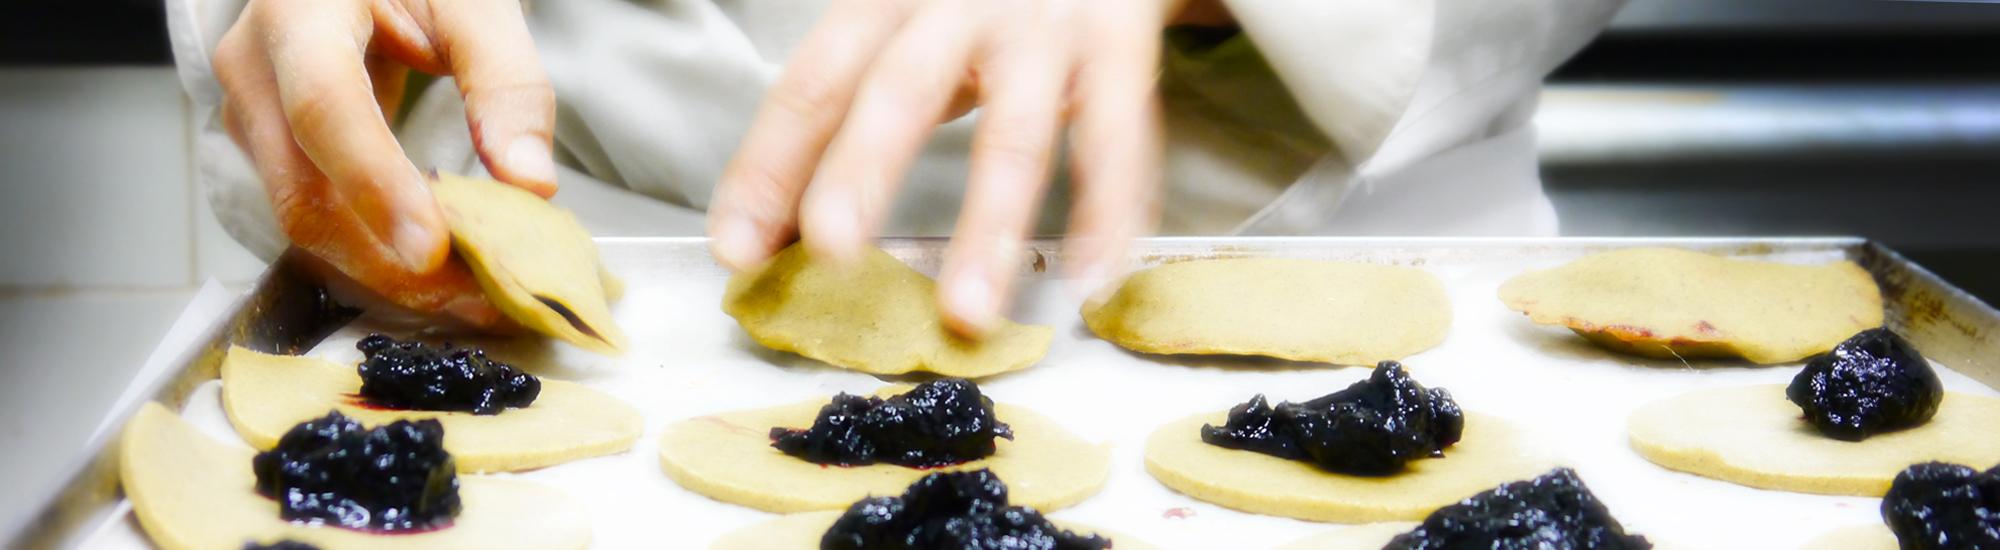 Briciole-Golose-Roberta-Bruni-Bologna-mani-che-preparano-raviole